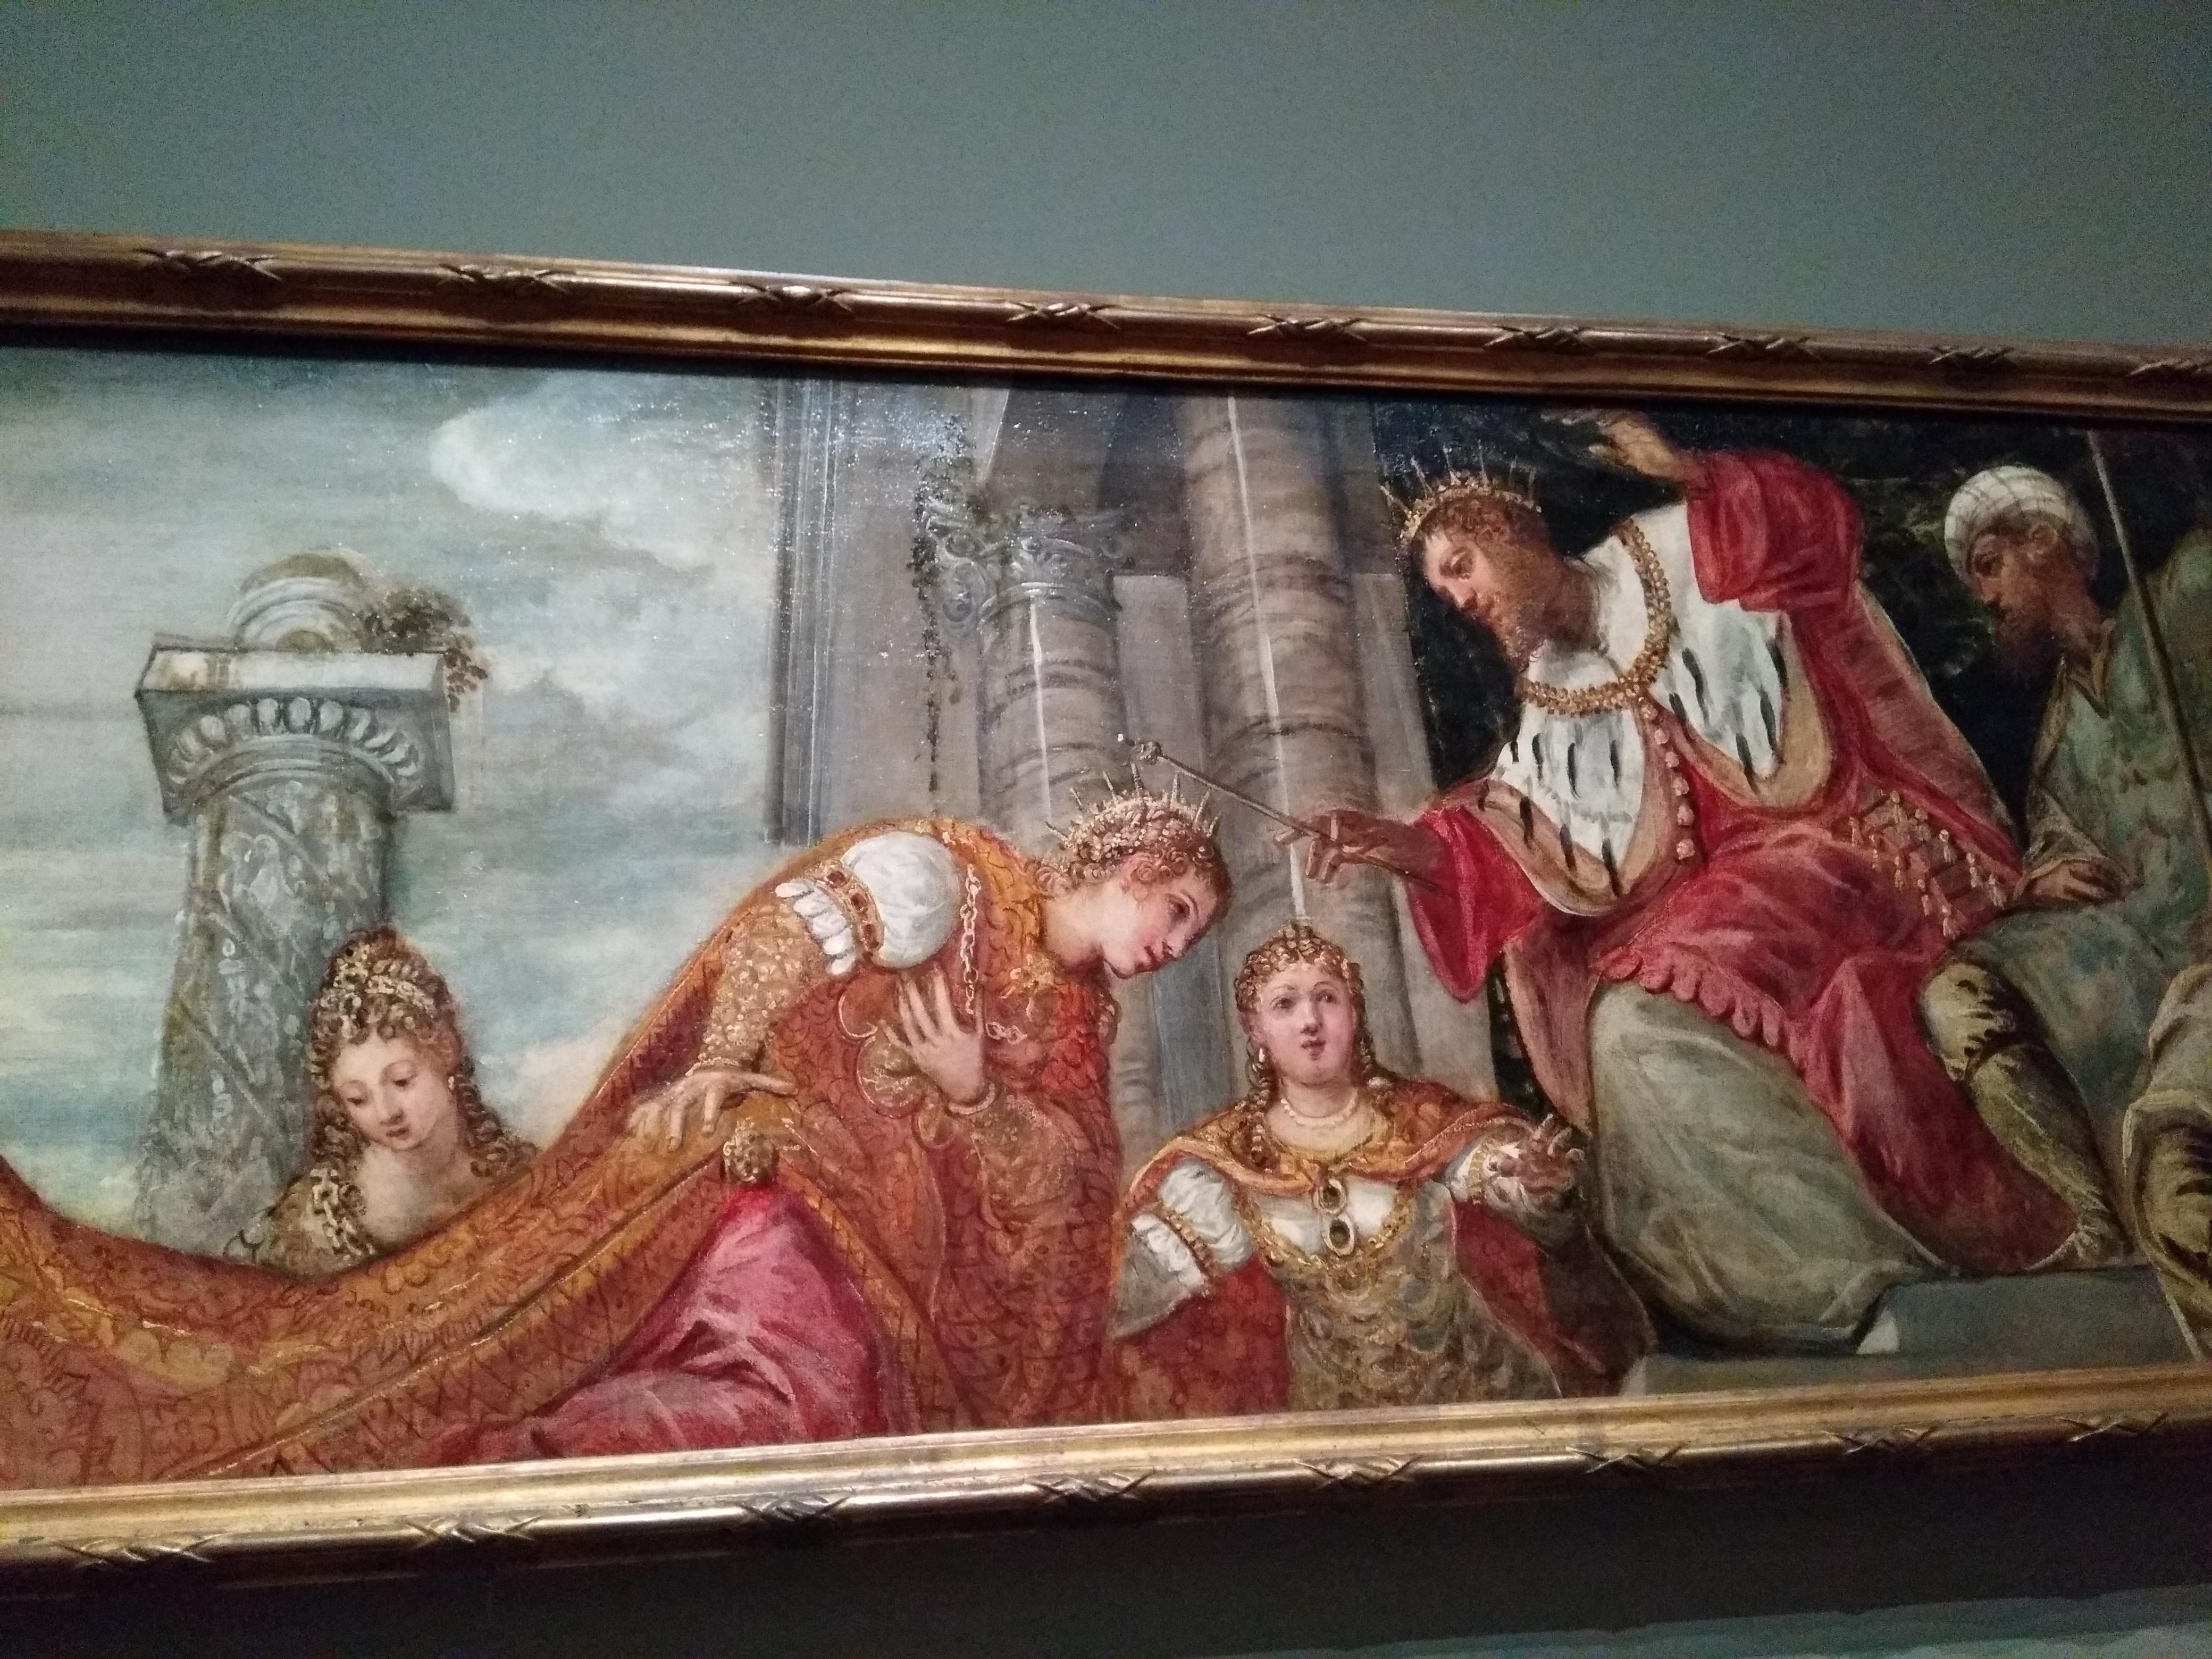 Peinture italienne classique : une femme reçoit une couronne